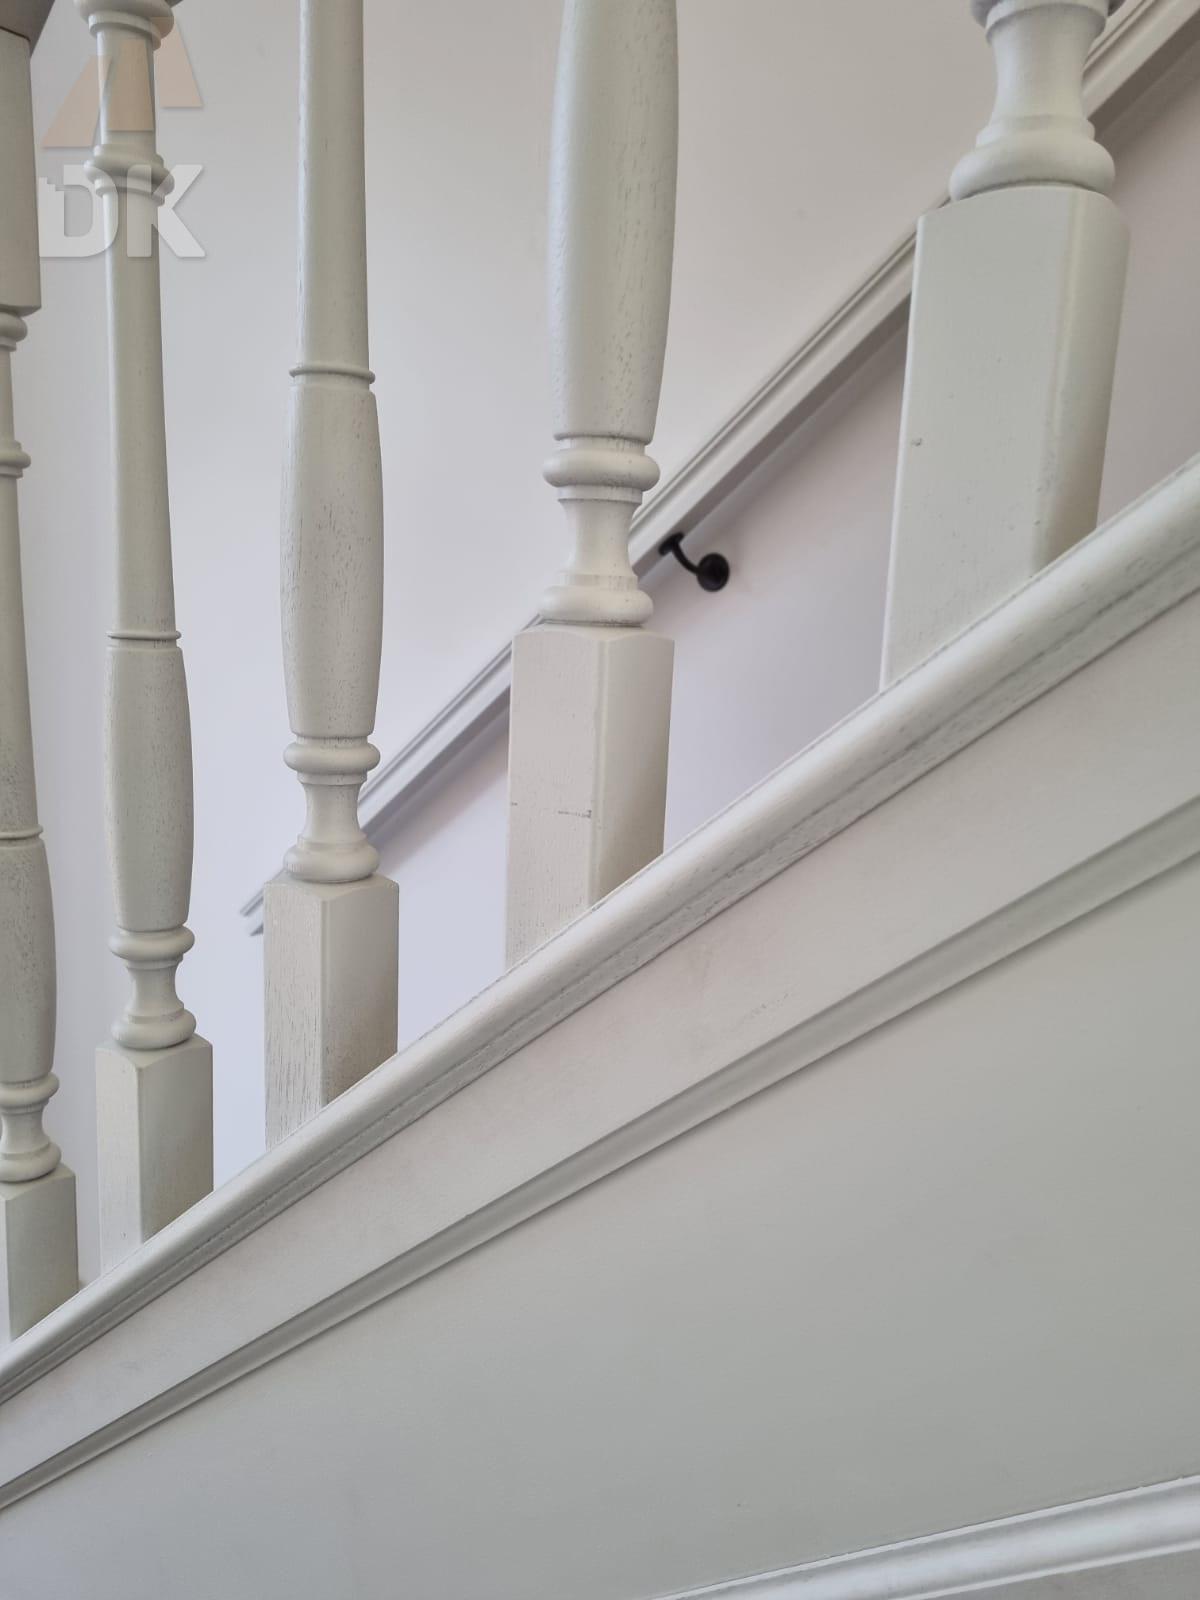 Prachtige mahonie trappen met eiken treden - Foto 2